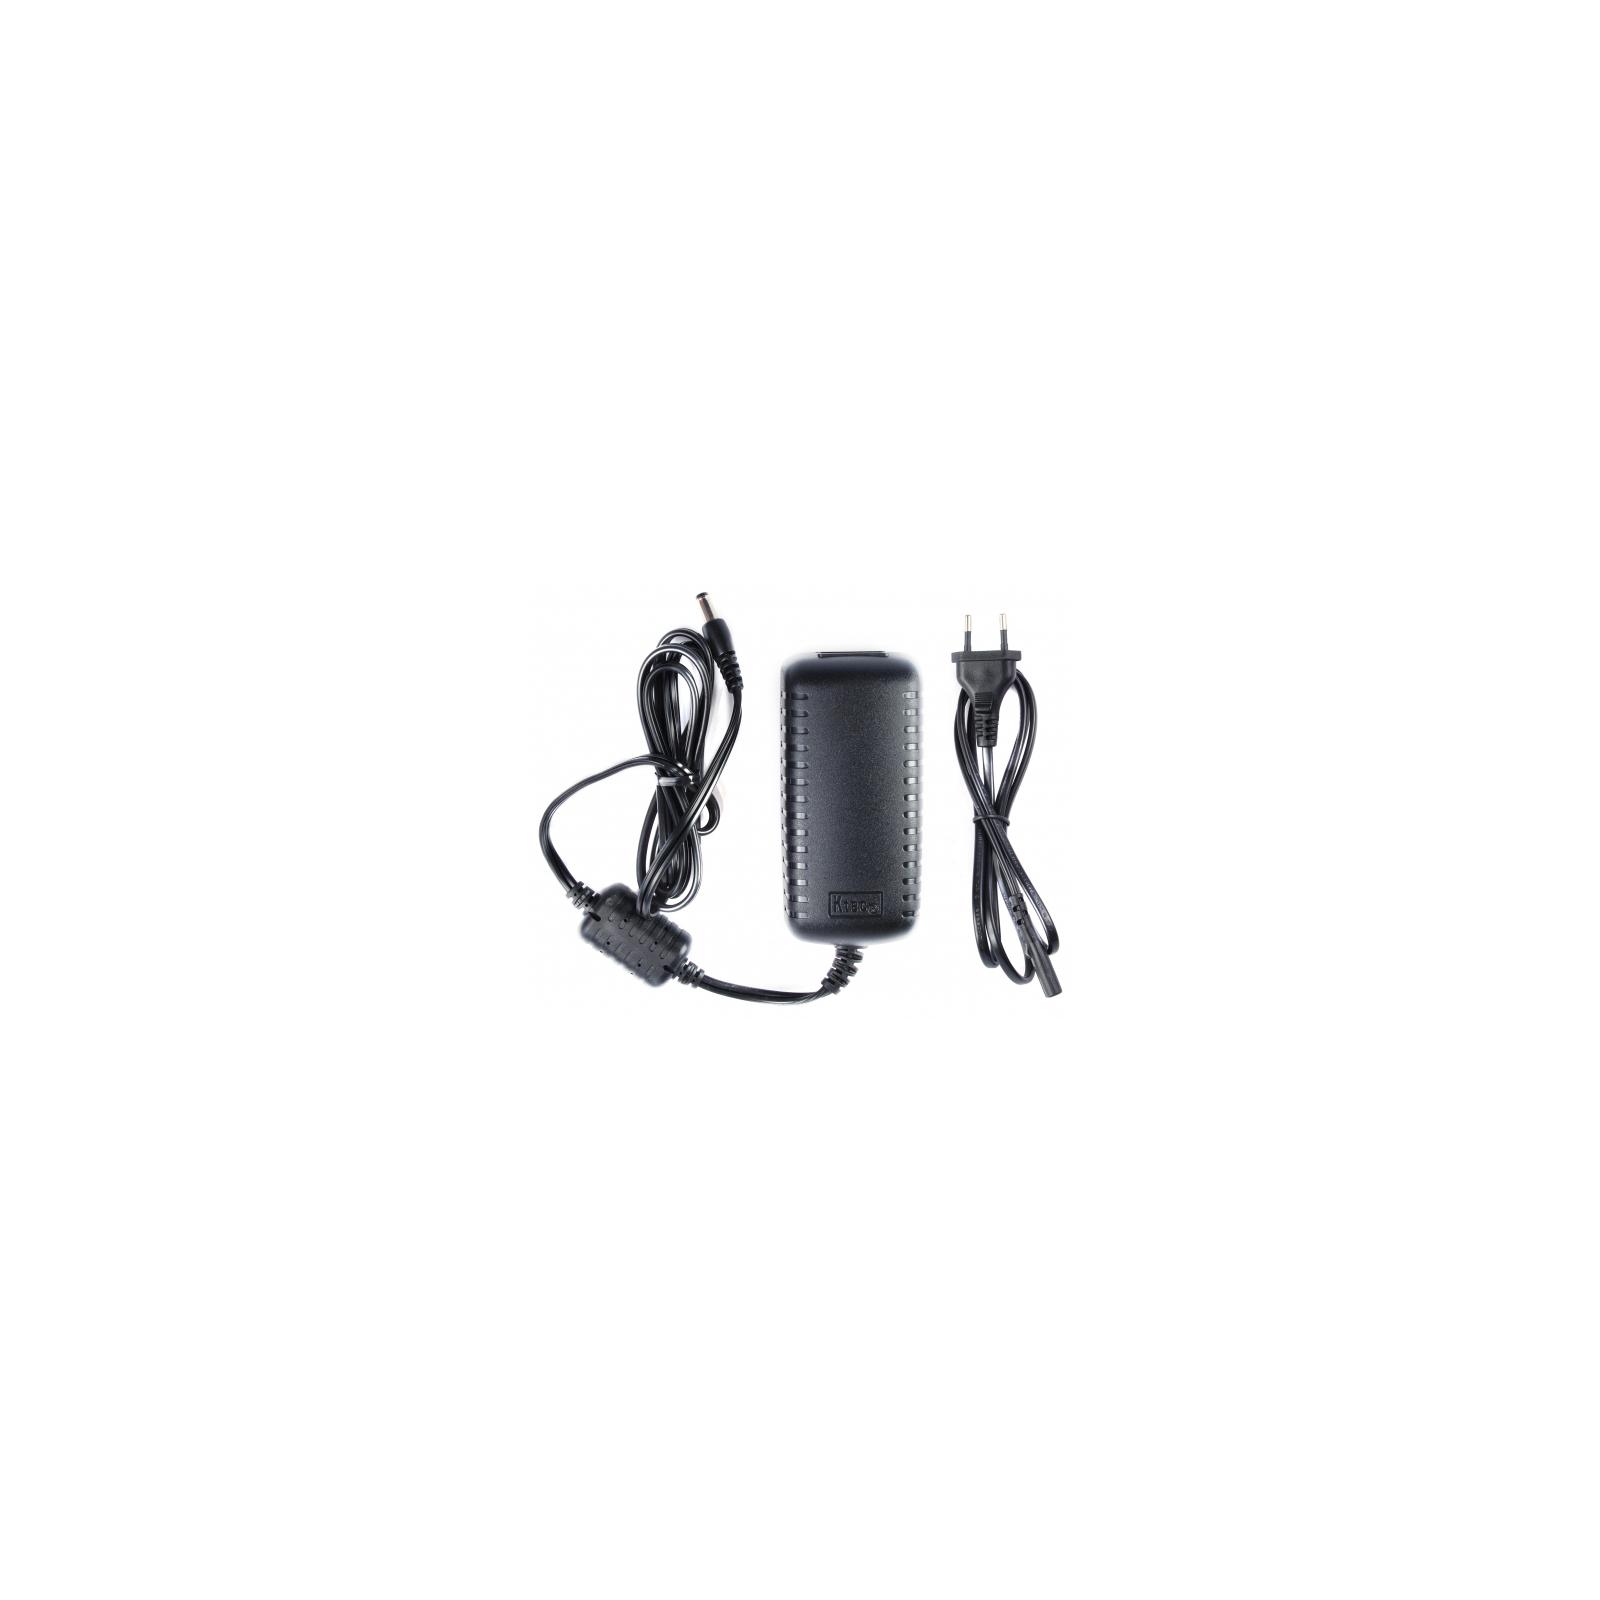 Регистратор для видеонаблюдения Gazer NF308me изображение 5